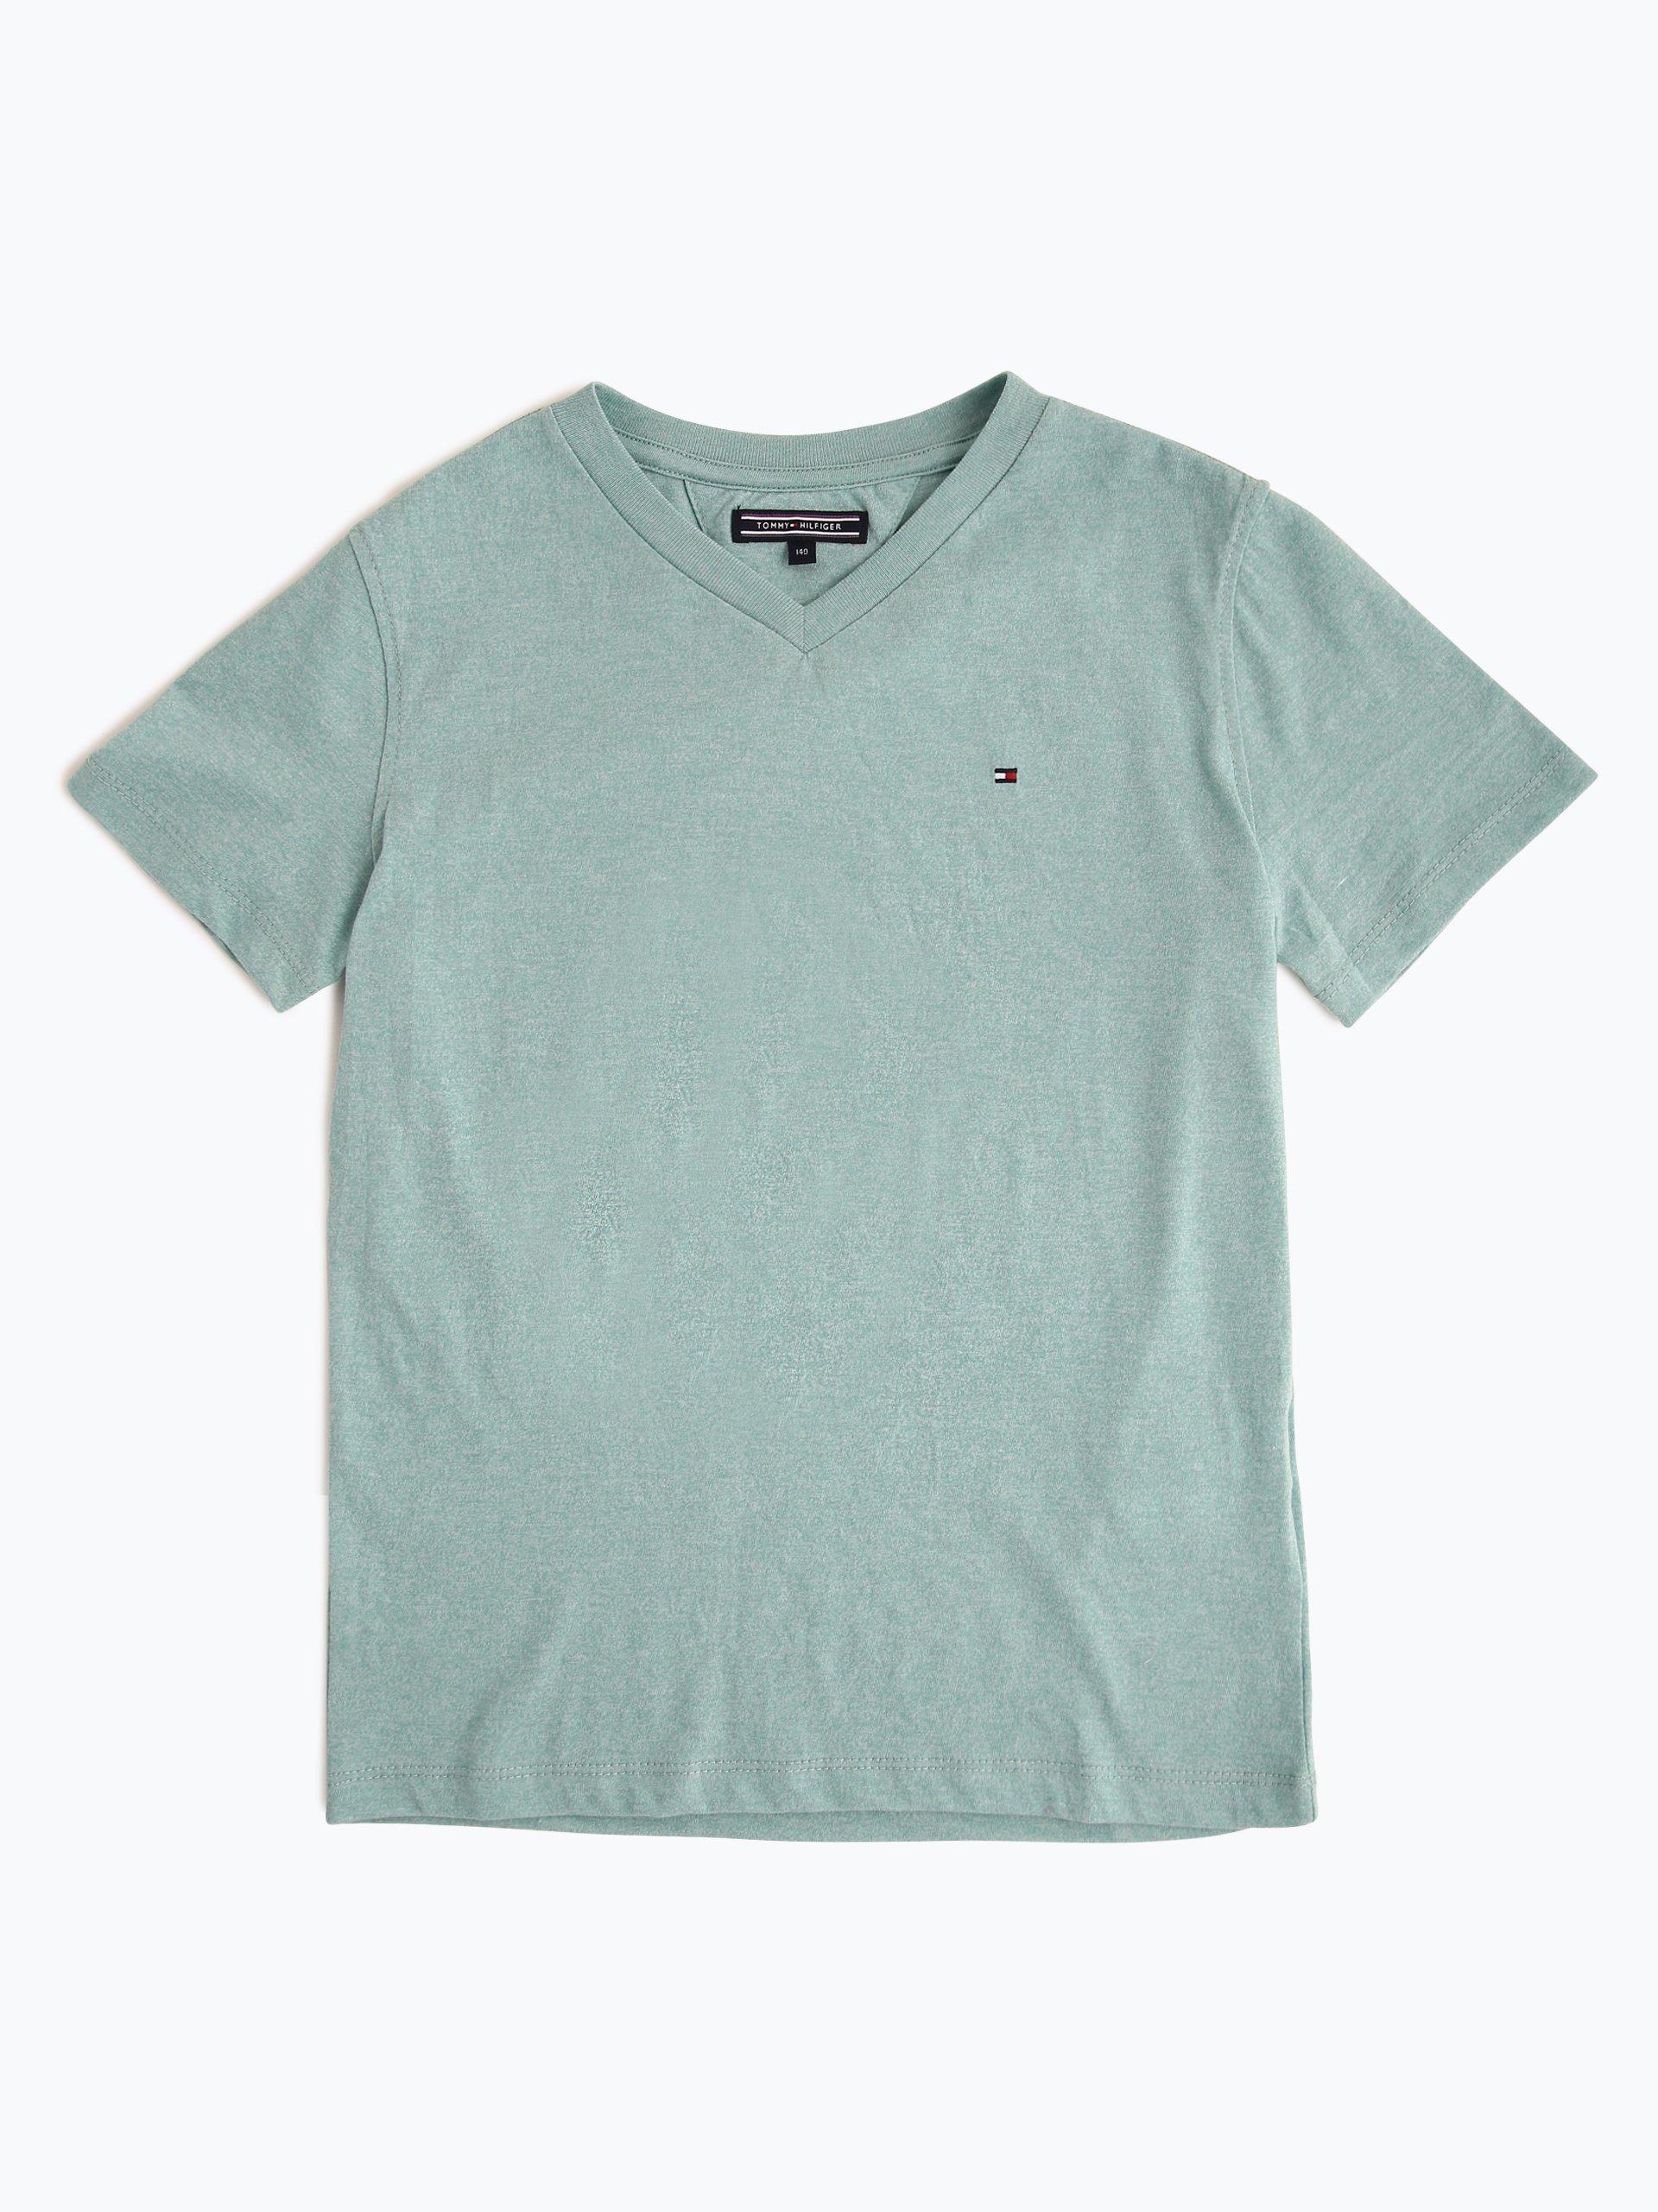 tommy hilfiger jungen t shirt mint meliert online kaufen vangraaf com. Black Bedroom Furniture Sets. Home Design Ideas